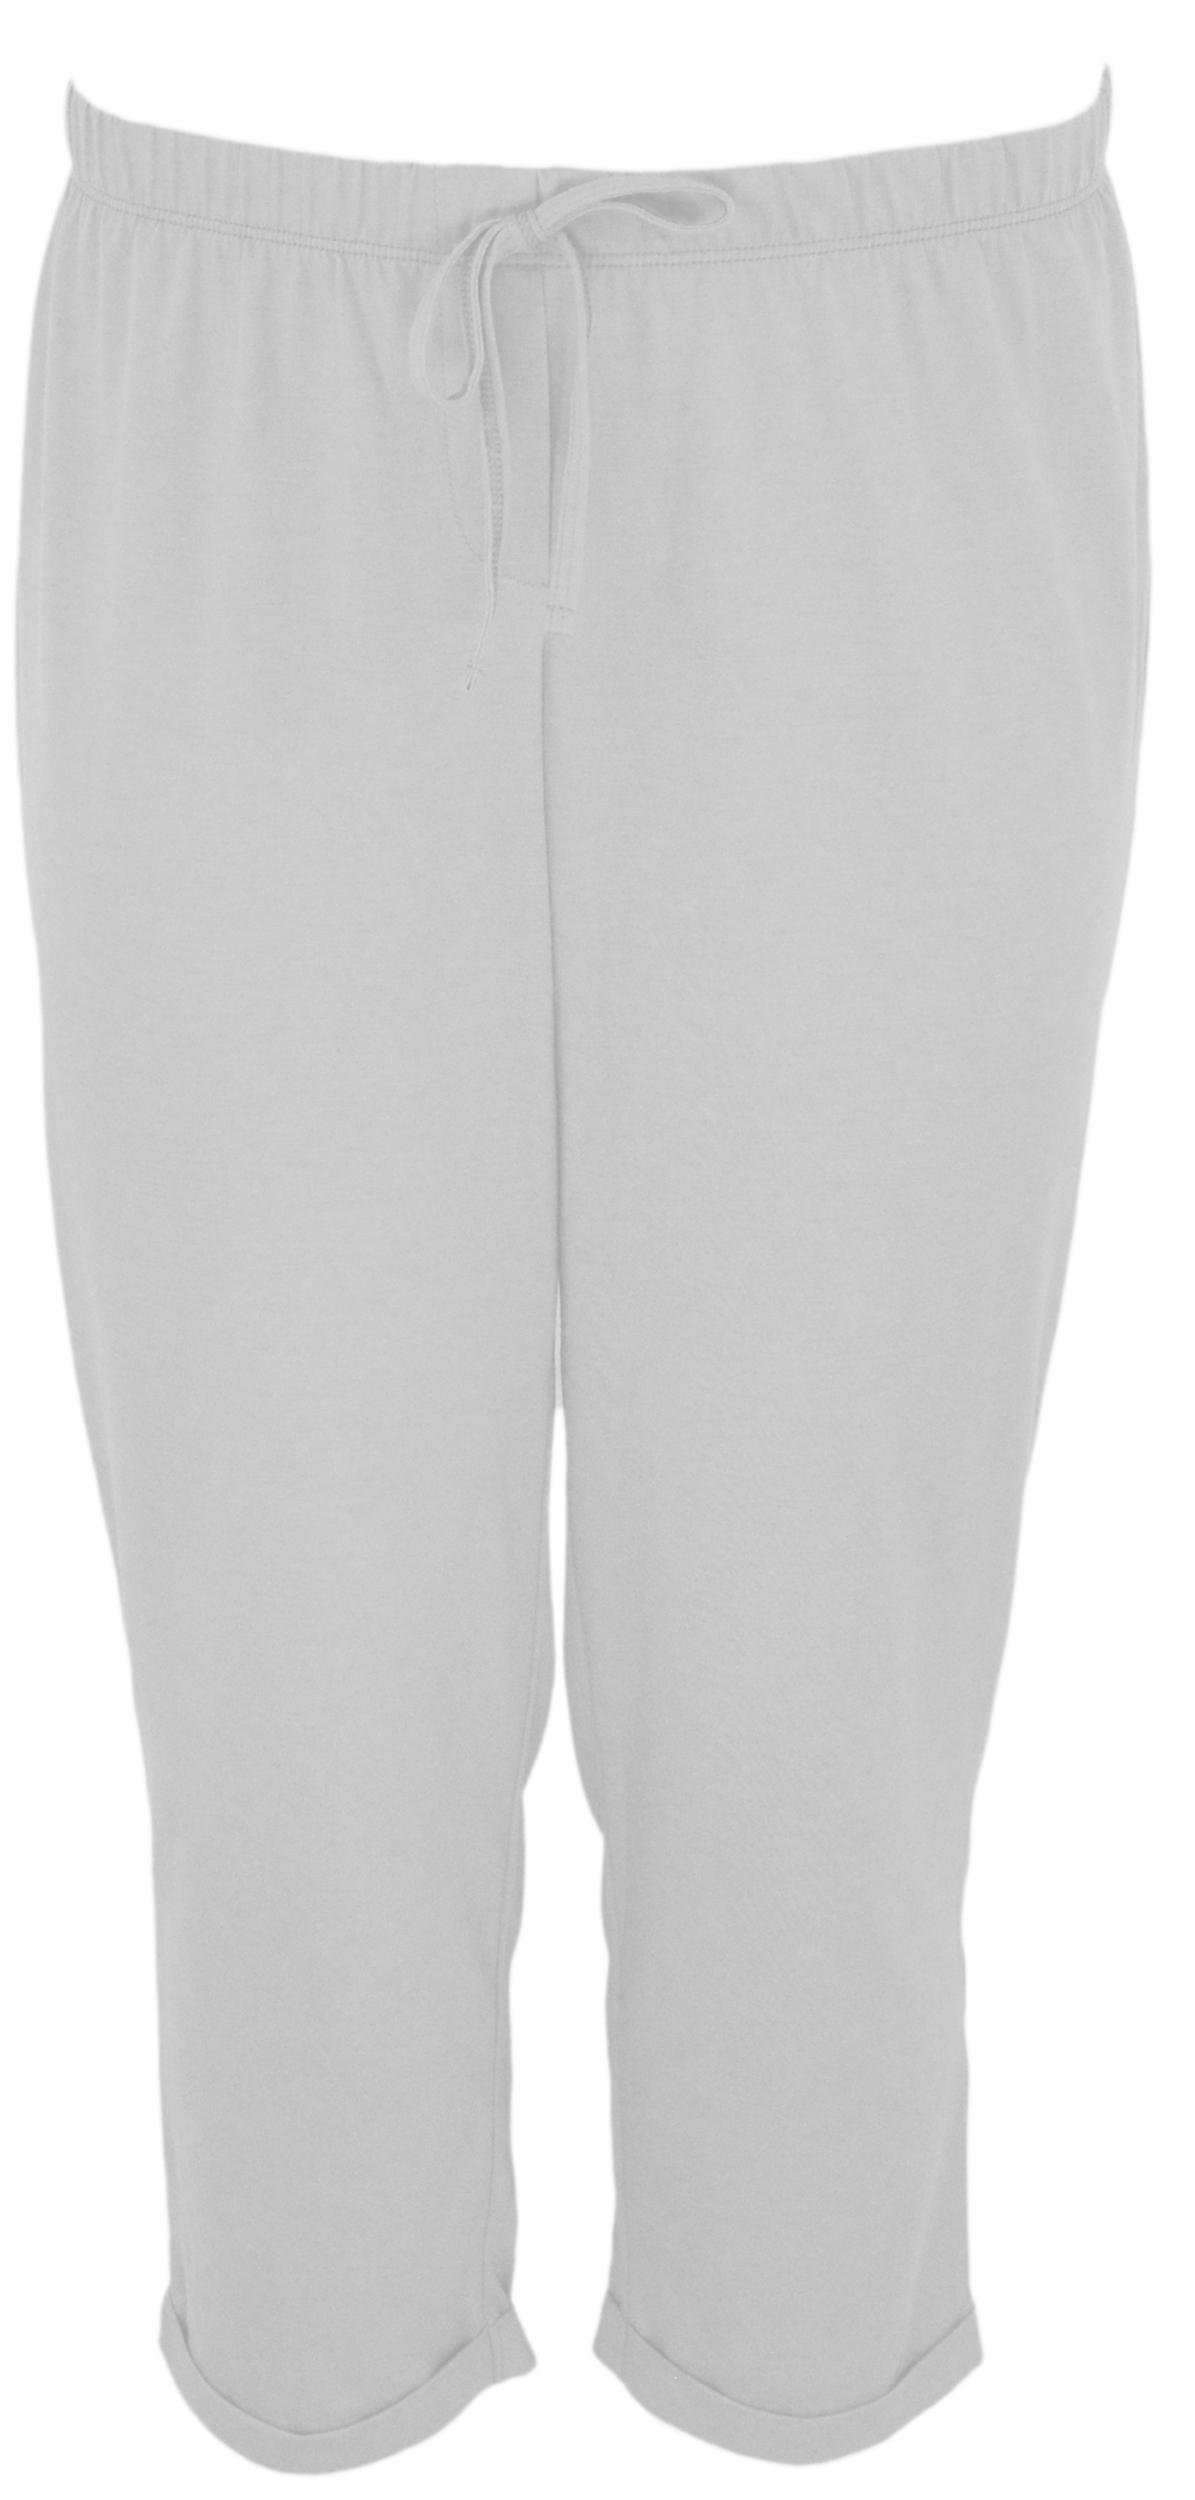 Intimissimi spodnie 7/8 bawełna piżama białe M